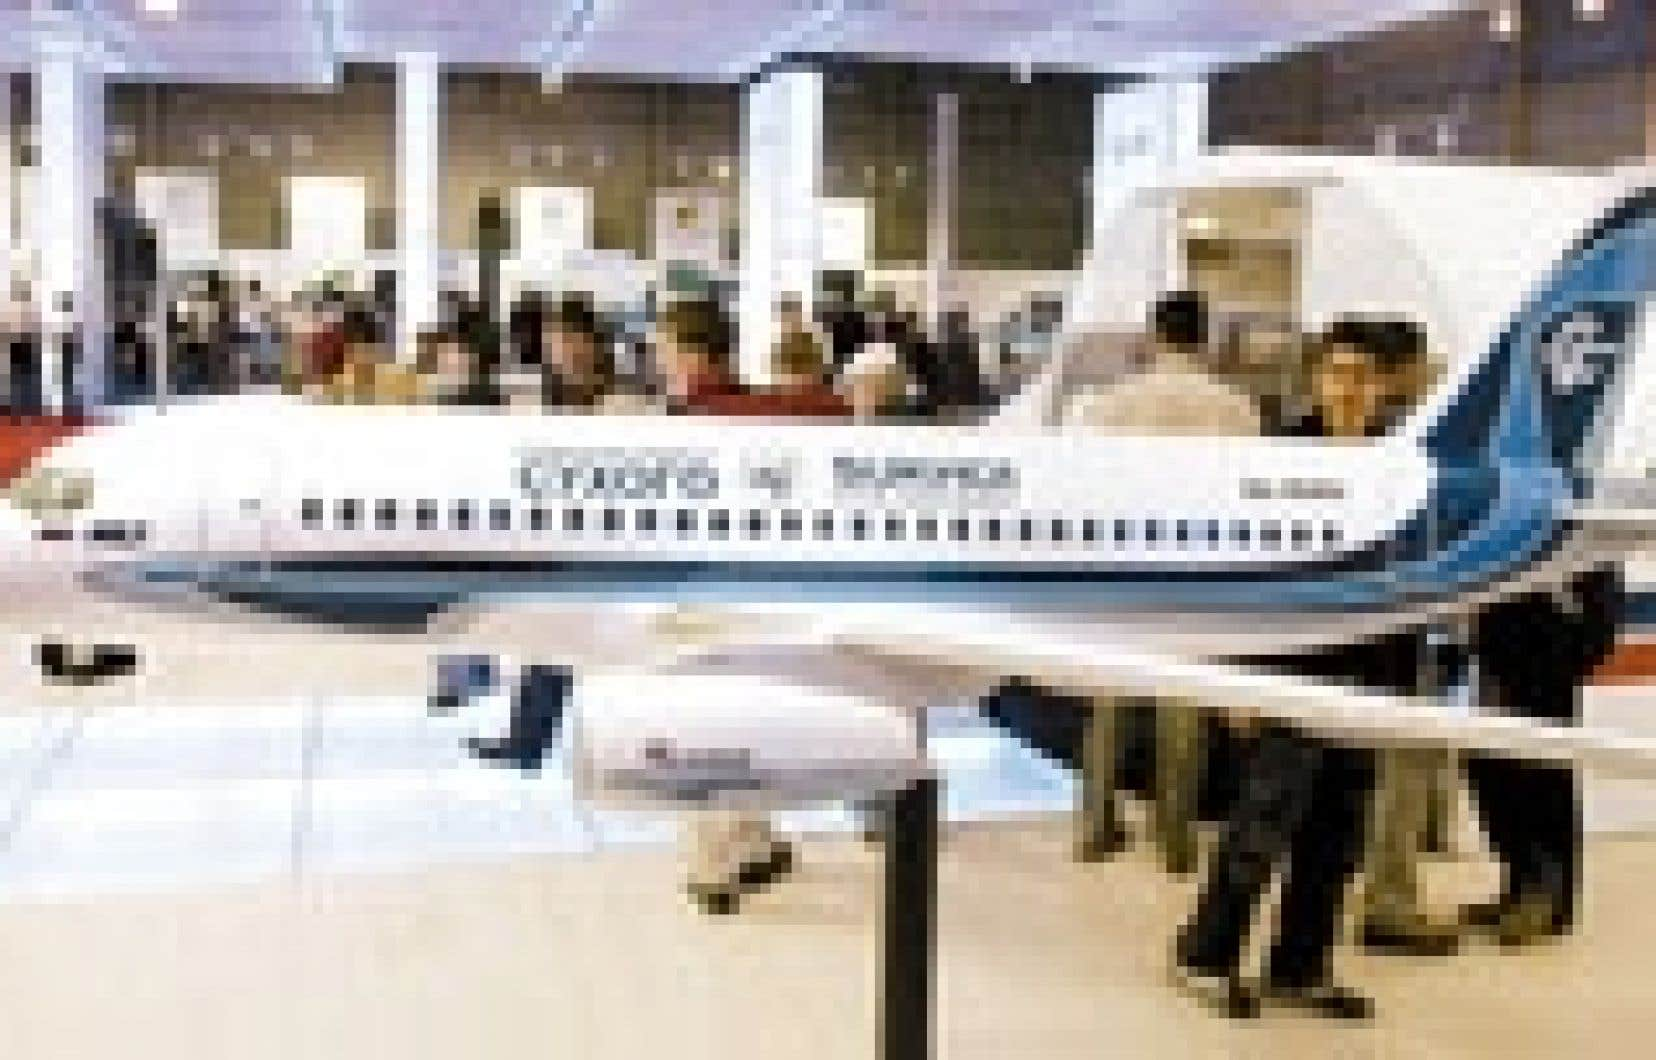 Le projet d'avion régional de Sukhoï présenté au salon de l'aviation de Moscou.